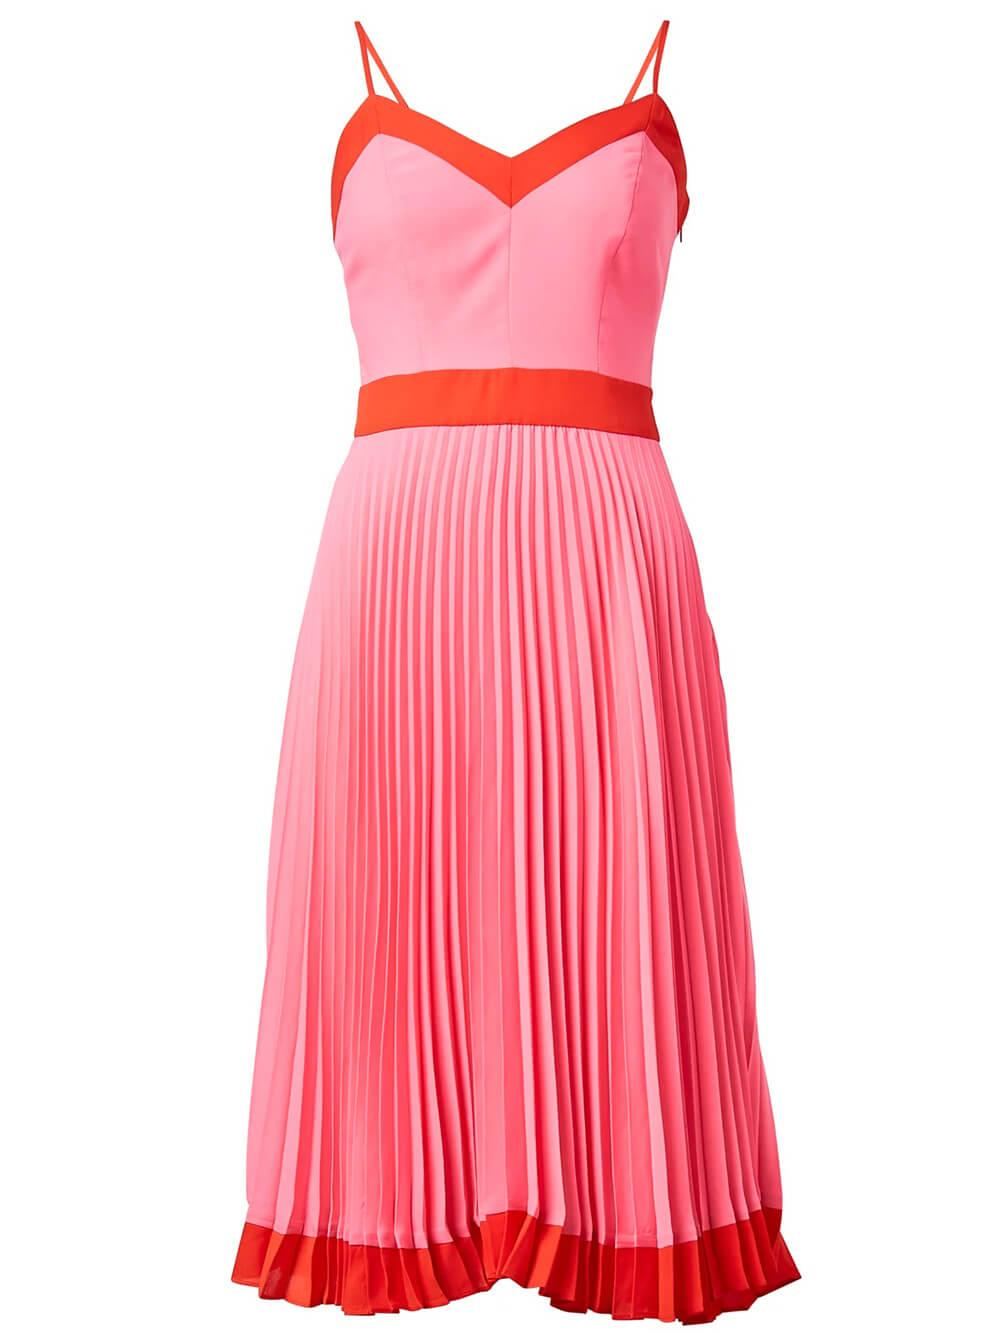 Jill Pleated Dress Item # 15MD-43